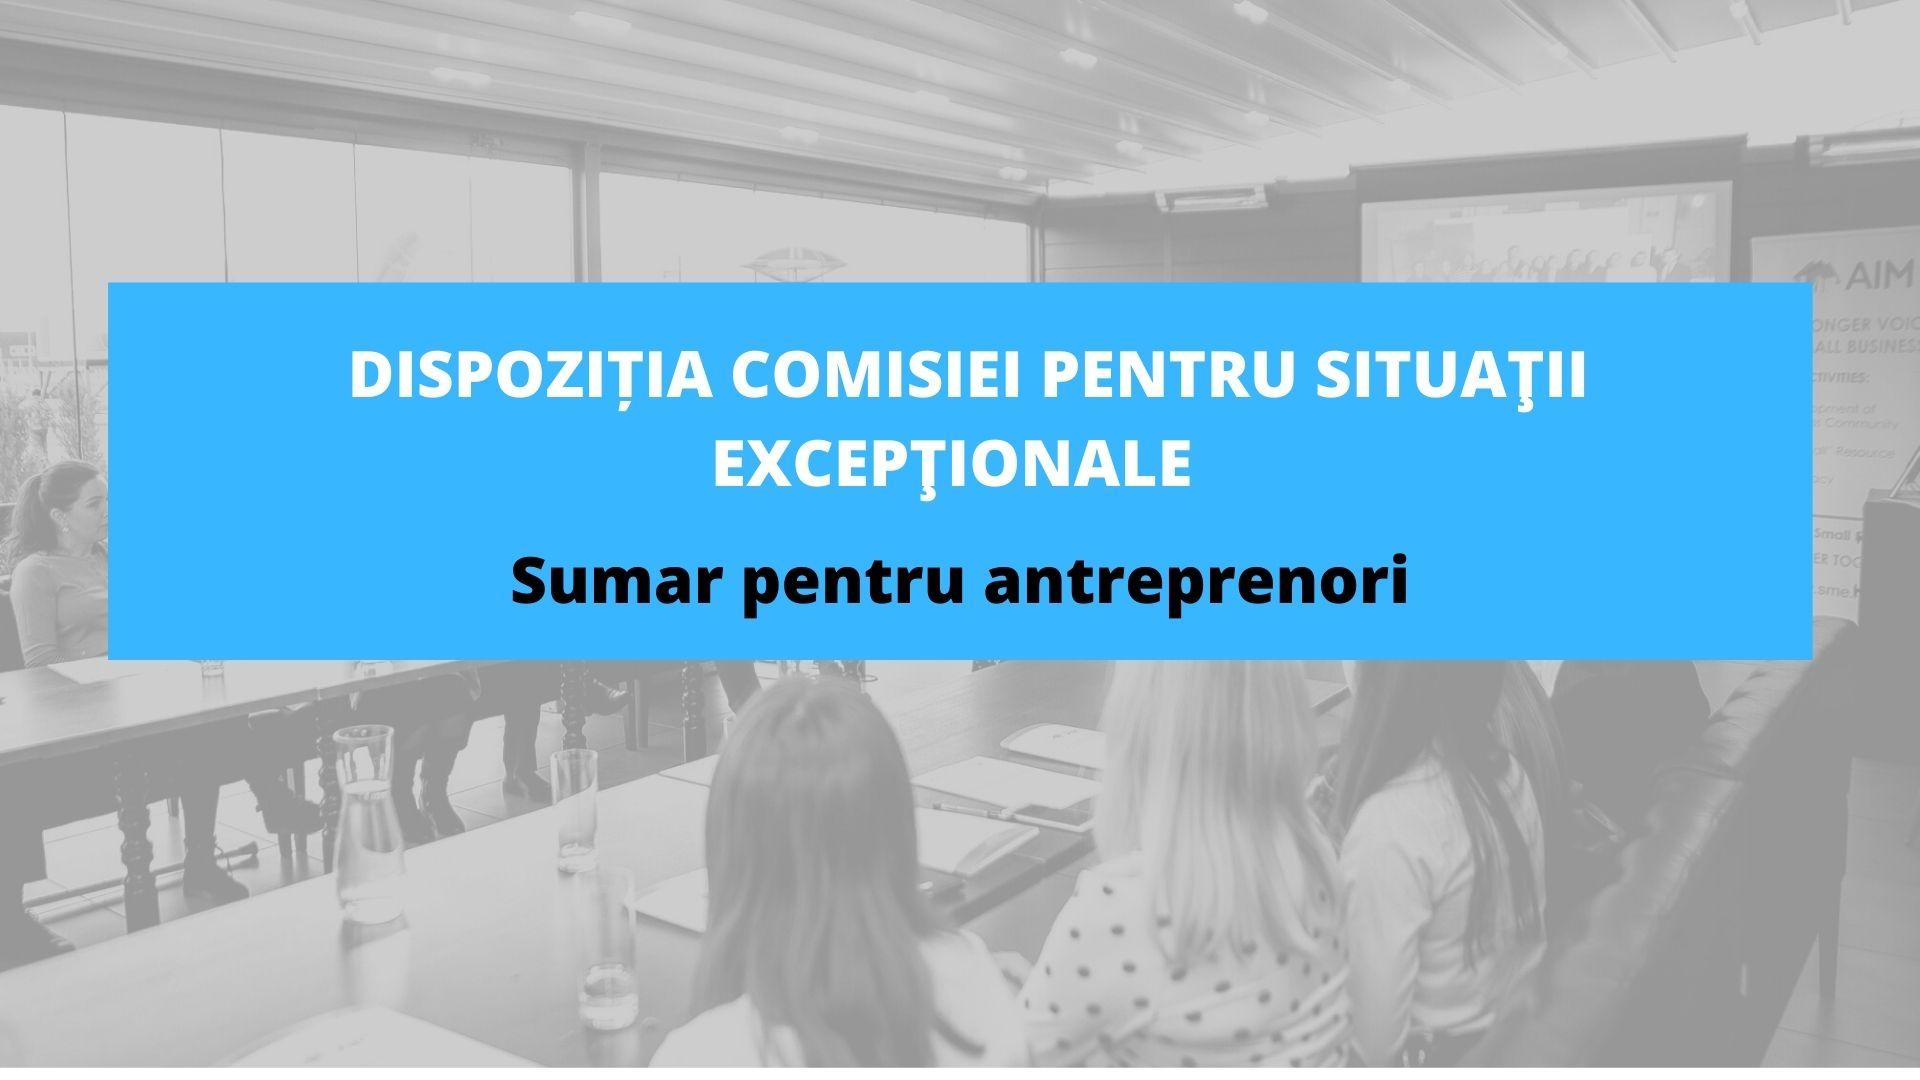 Sumar pentru antreprenori – Dispoziția Comisiei pentru Situaţii Excepţionale a Republicii Moldova nr. 1 din 01.04.2021